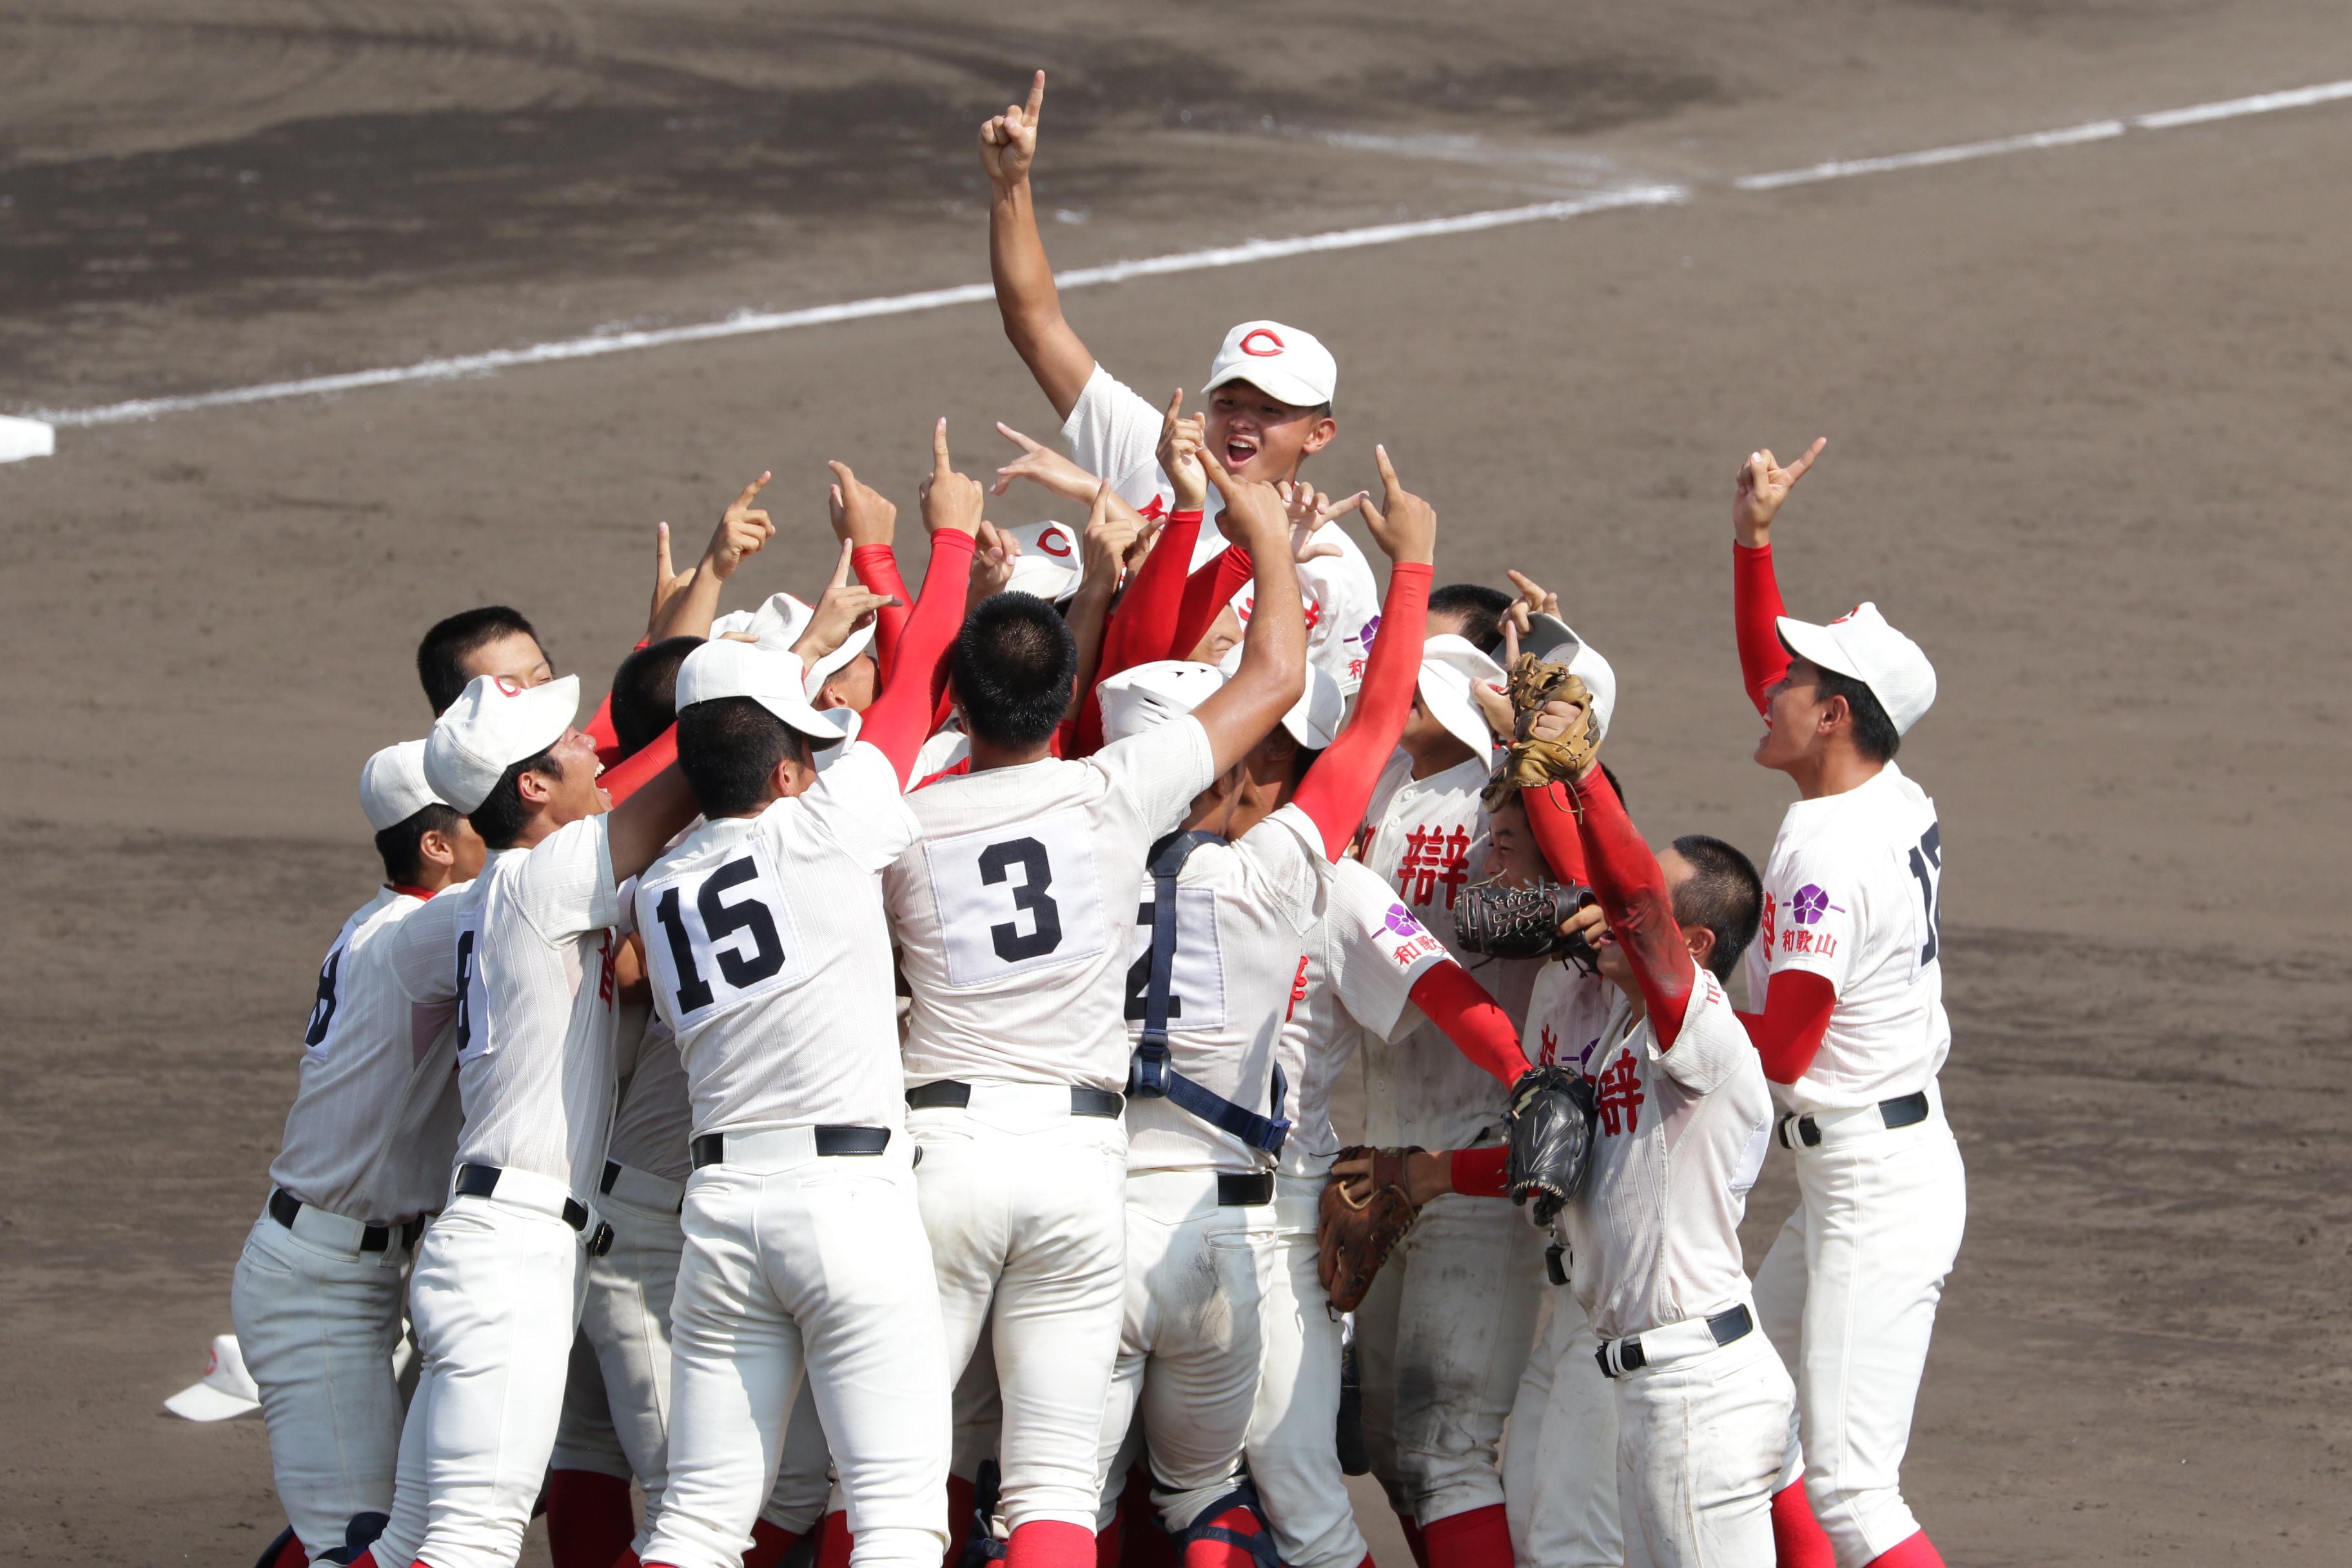 第 回全国高校野球選手権大会 NHK 甲子園